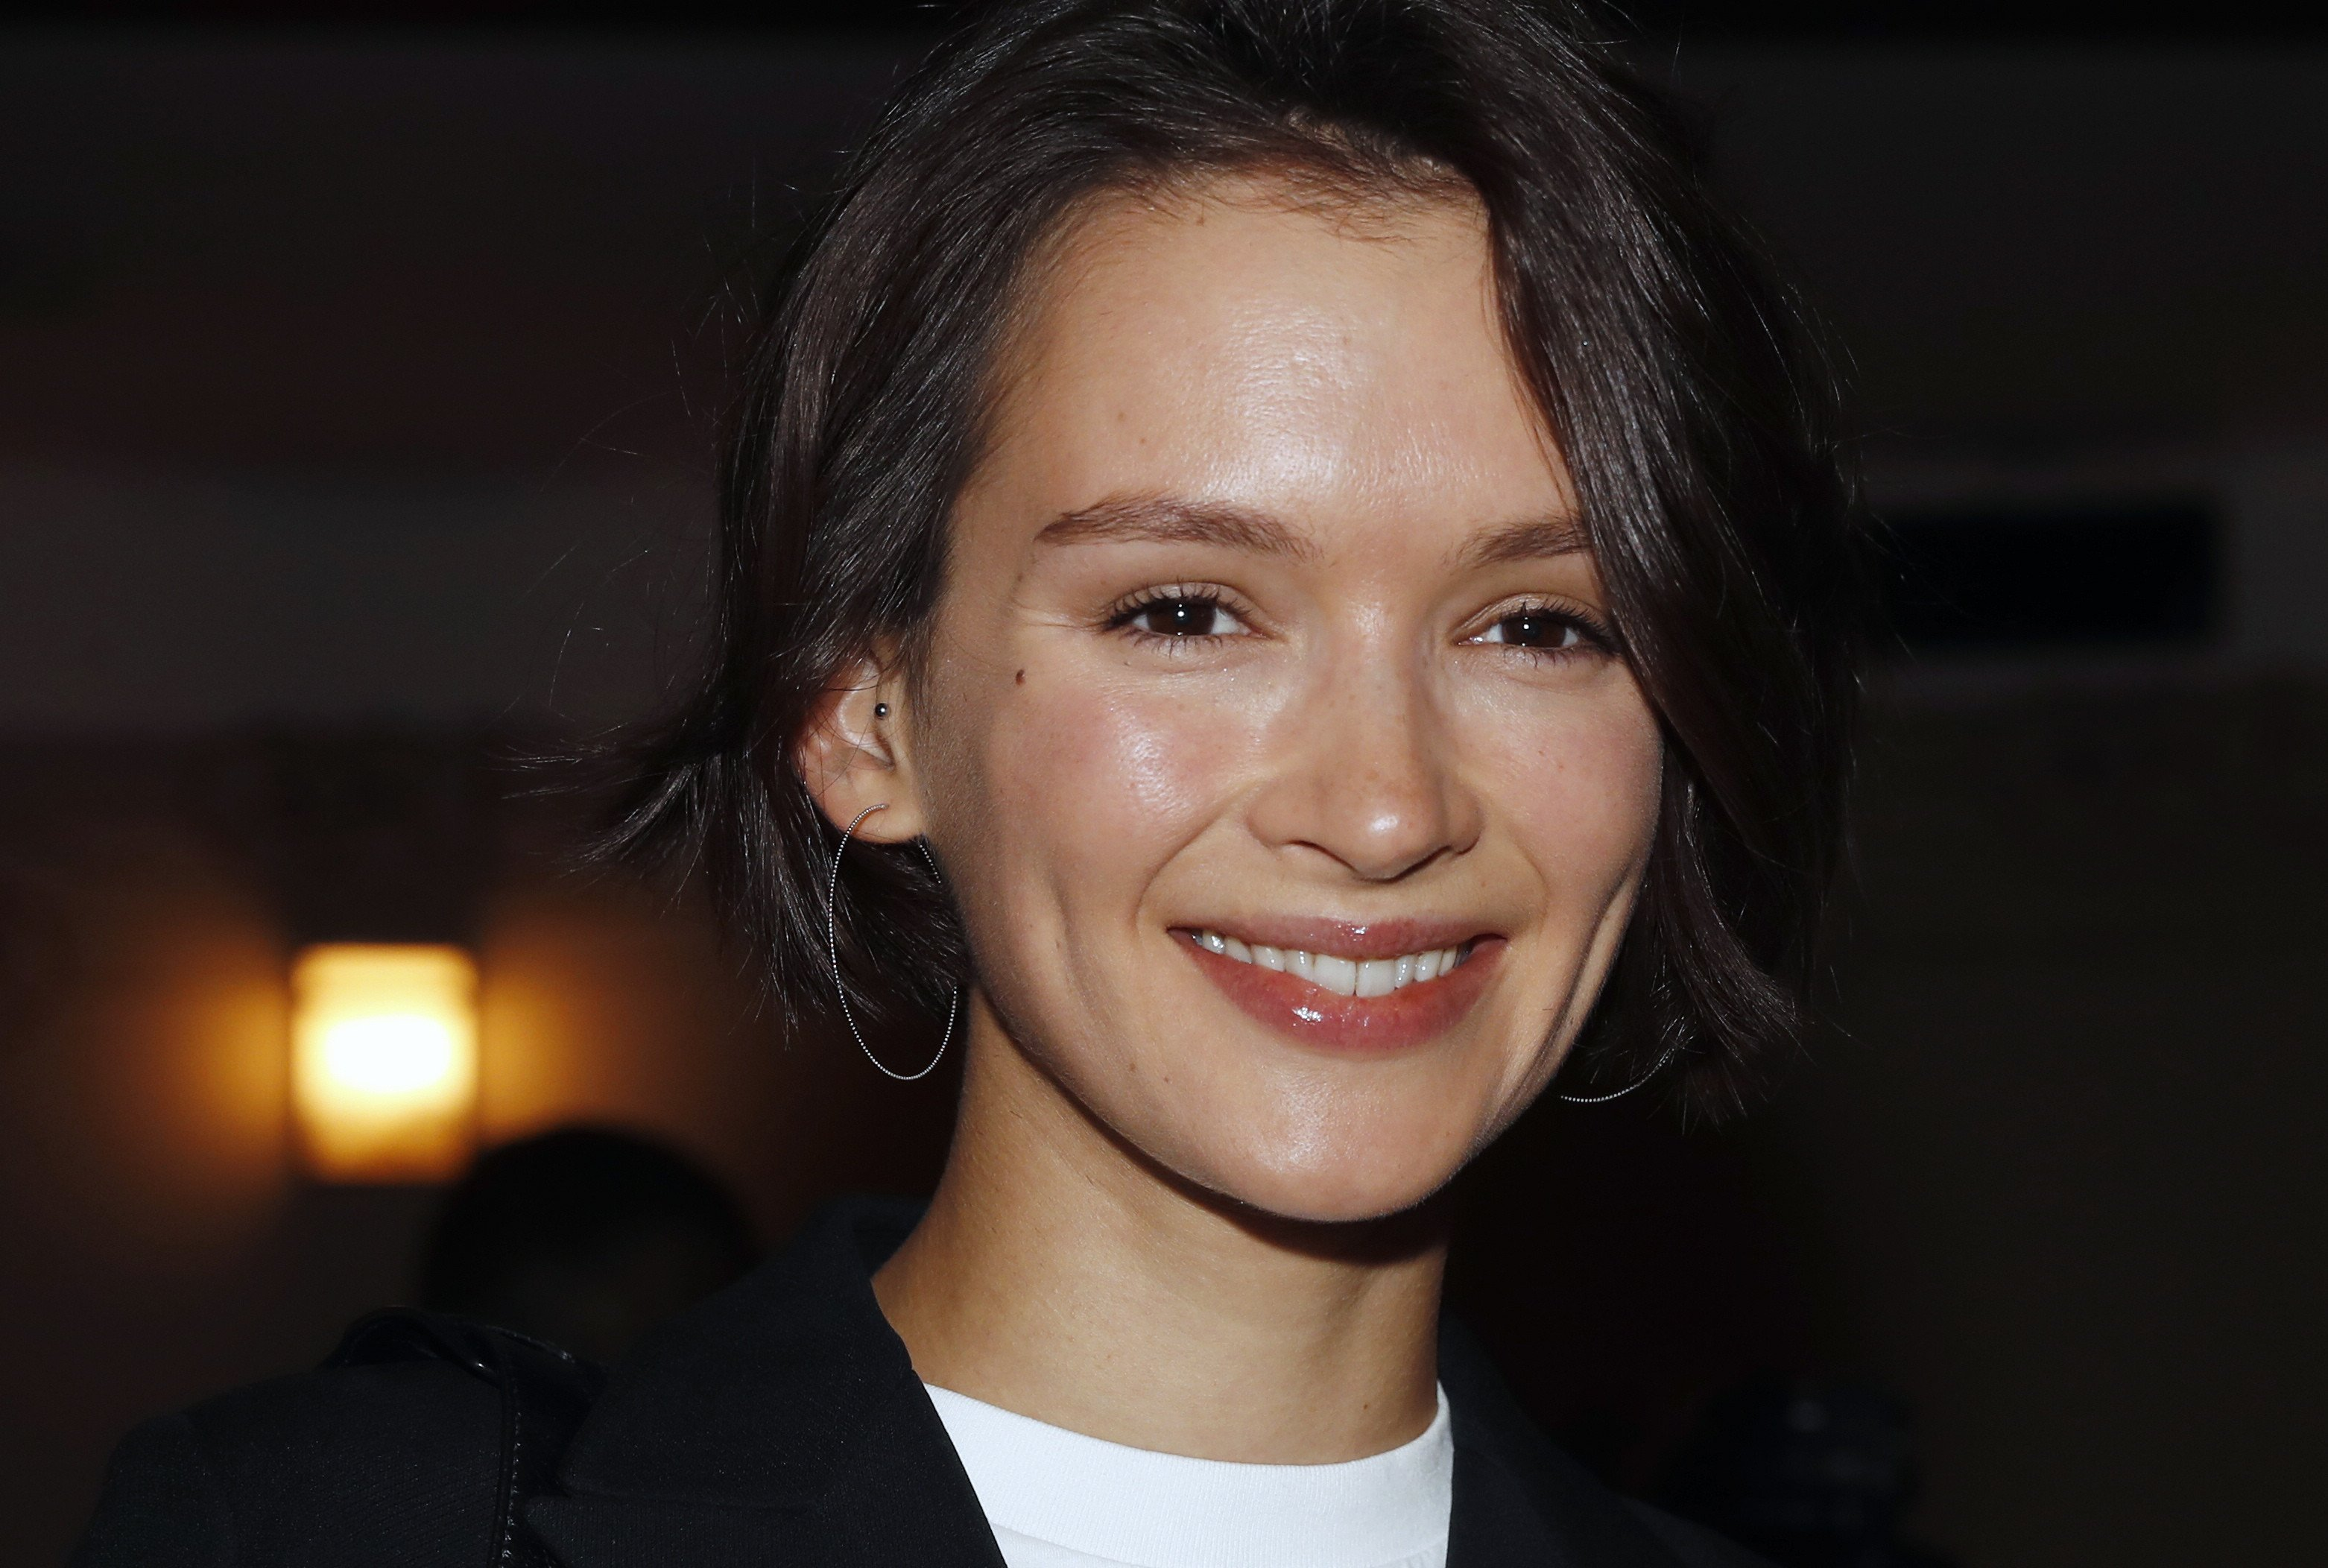 Паулина Андреева впервые появилась на мероприятии после рождения сына